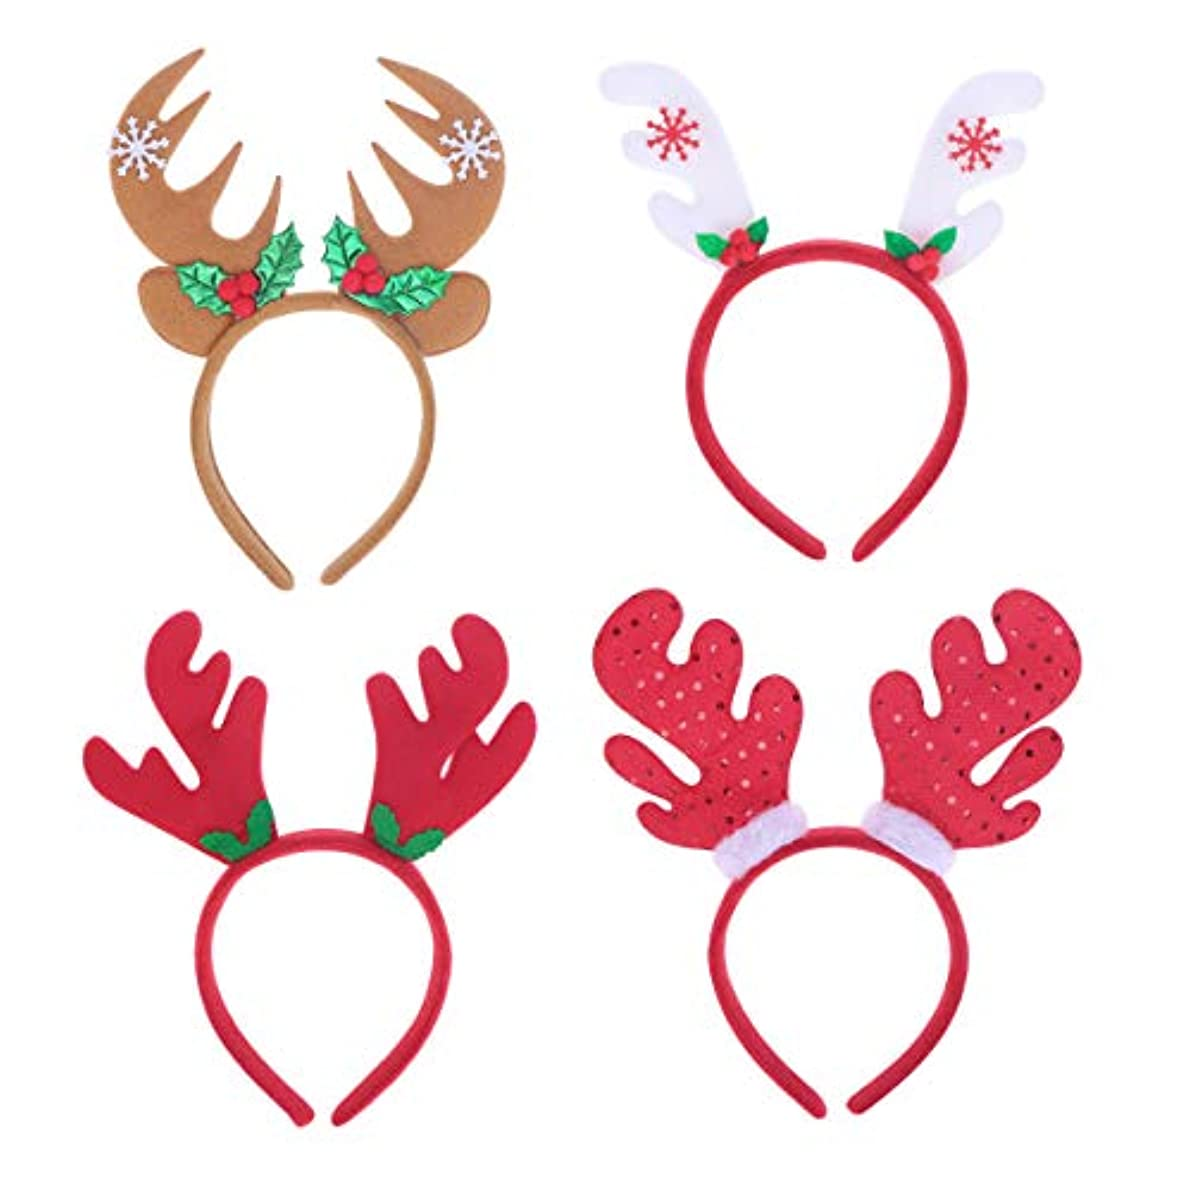 テクスチャー行くピアニストLurrose 4ピースクリスマスヘッドバンドサンタ帽子トナカイアントラーヘッドバンドヘアフープヘッドドレス帽子クリスマス衣装ヘアアクセサリー用大人の子供女の子